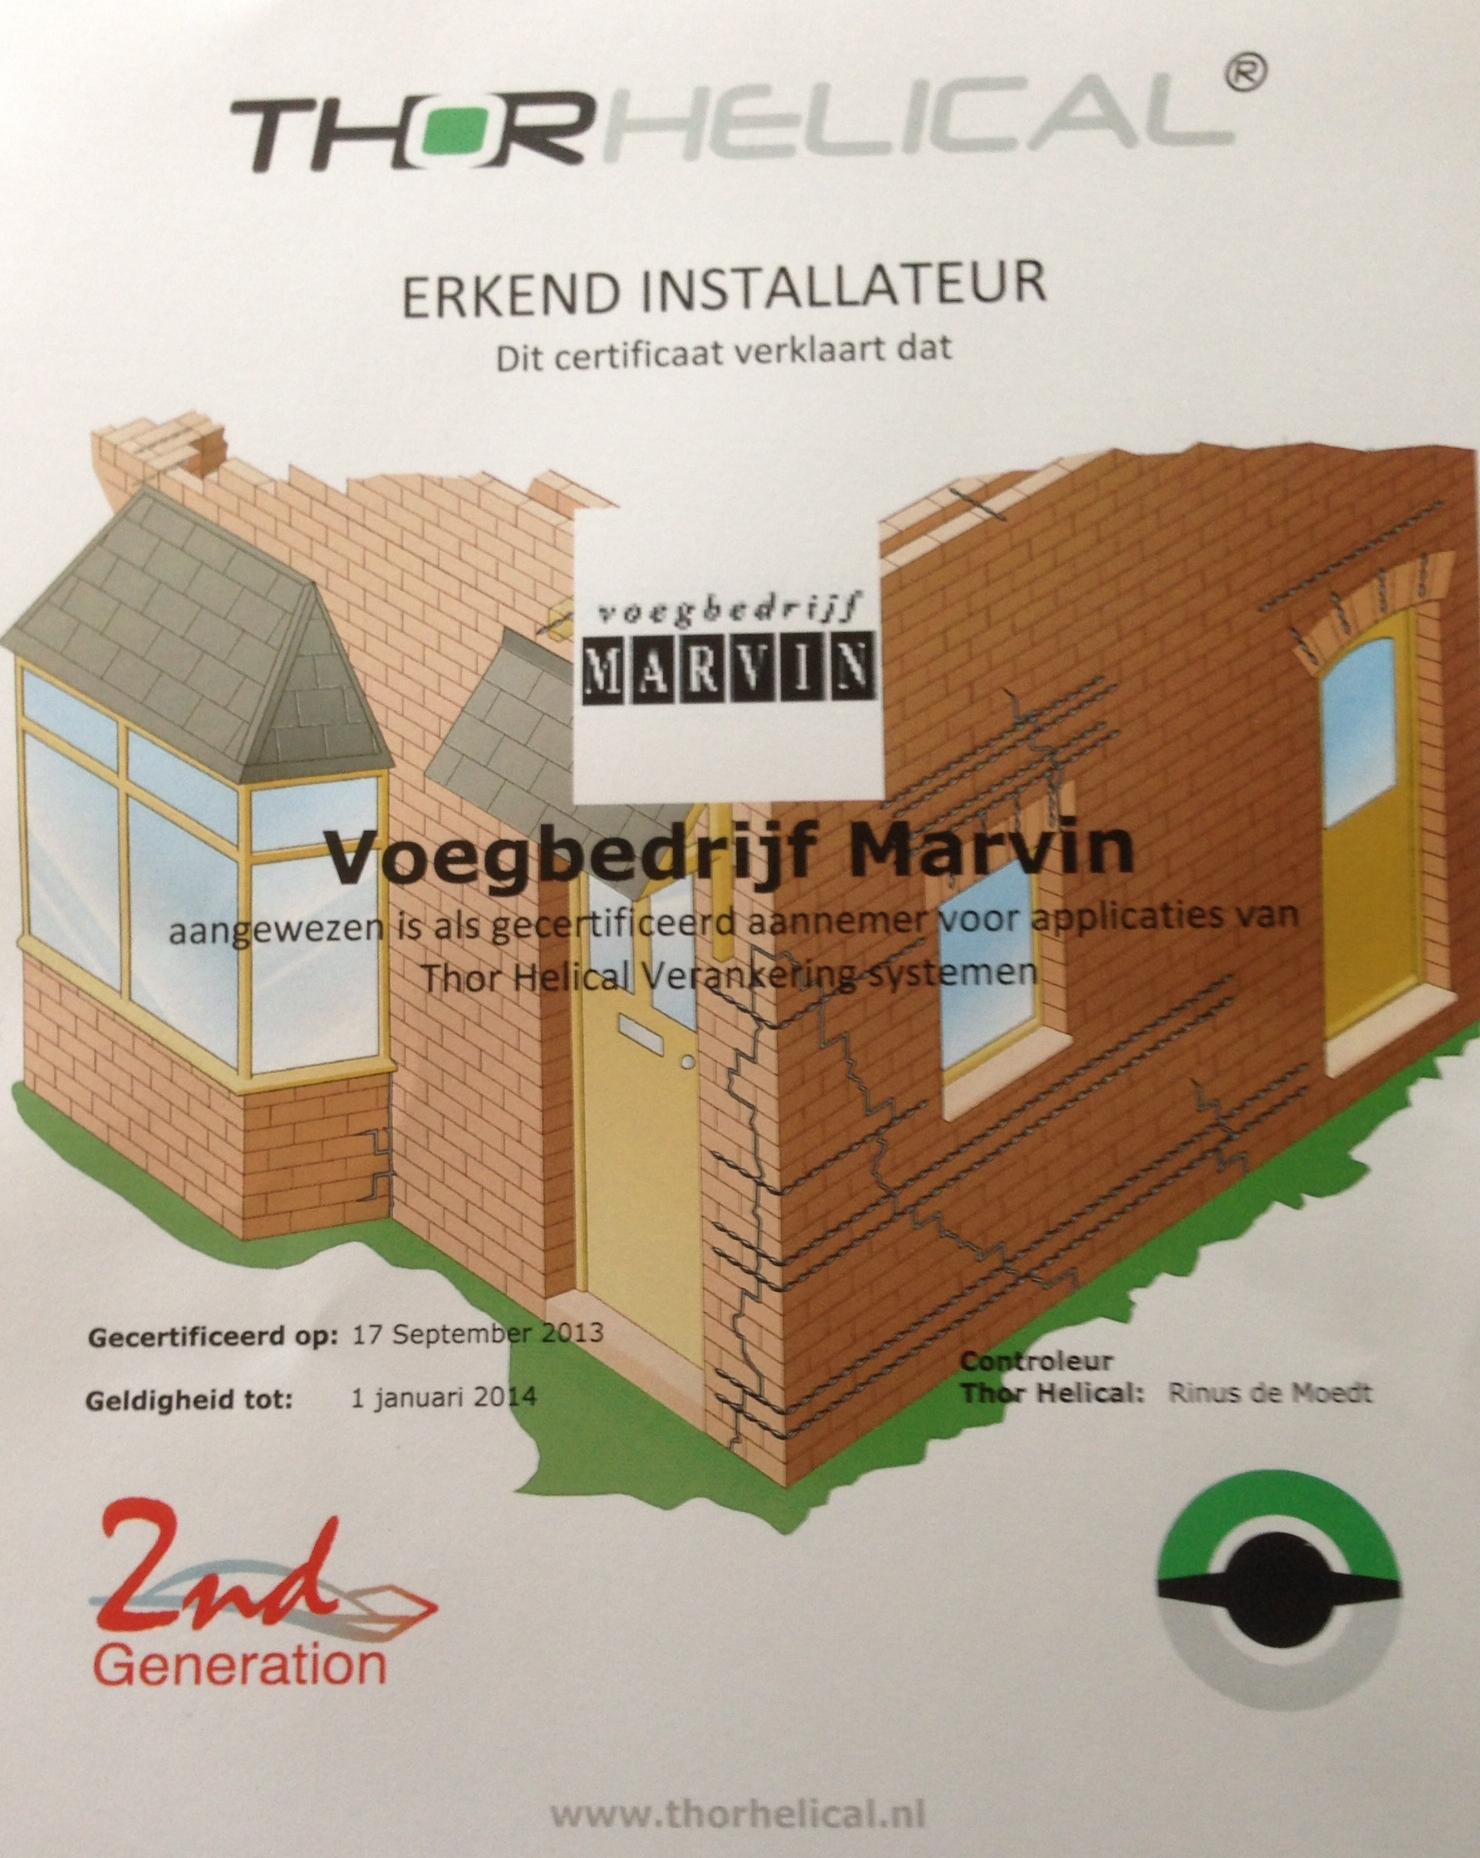 voegbedrijf-marvin_gecertificeerd-installateur-scheurherstel-Thor-Helical